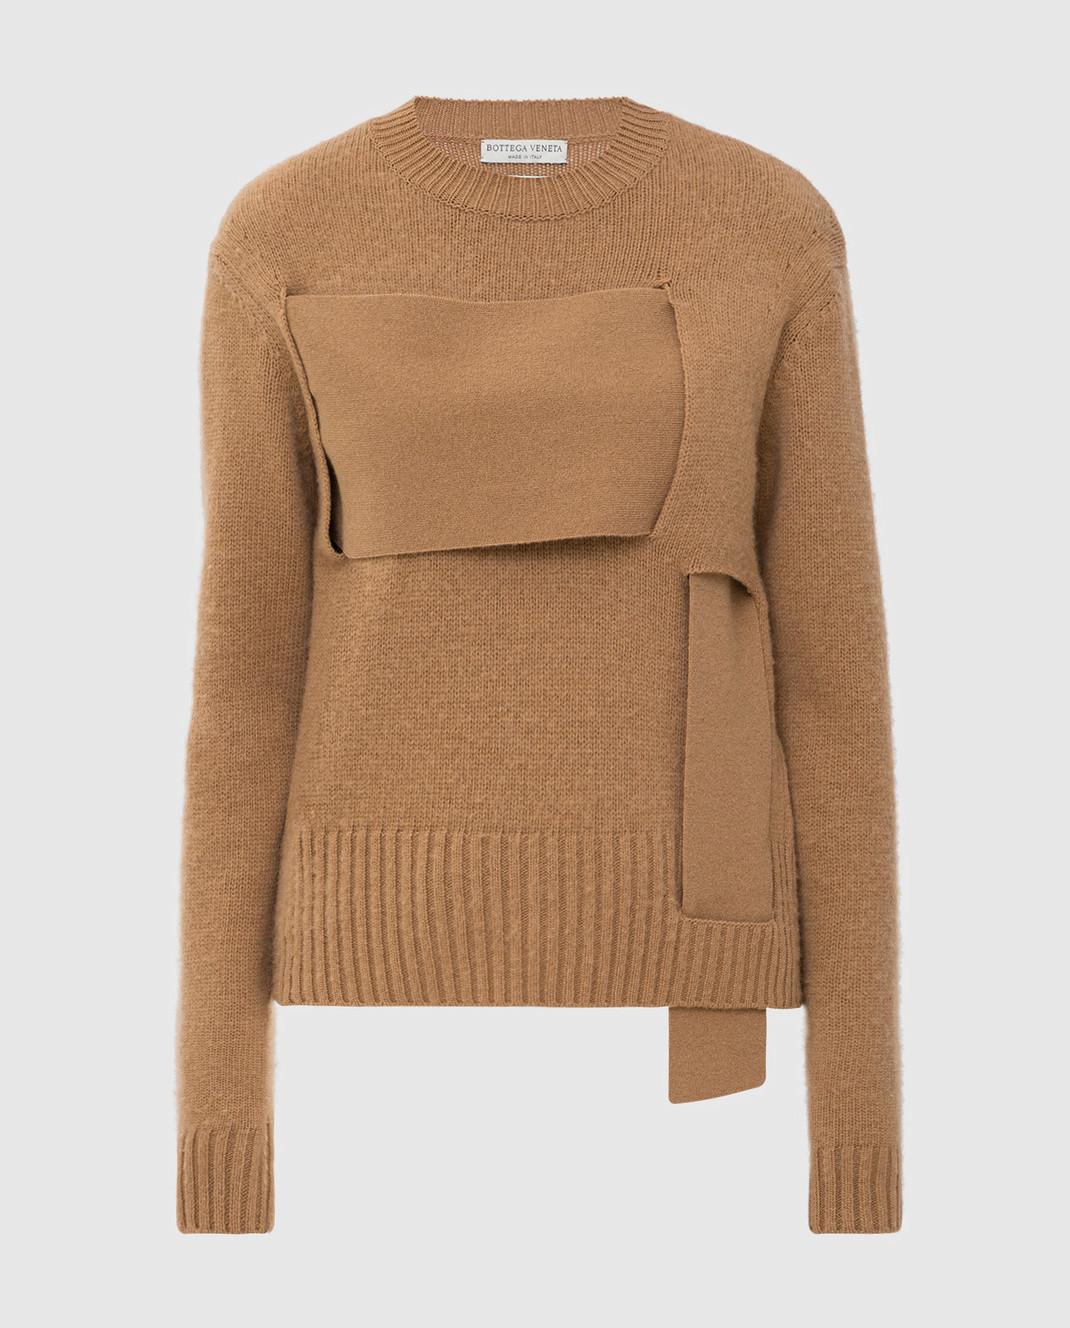 Bottega Veneta Бежевый свитер из шерсти изображение 1